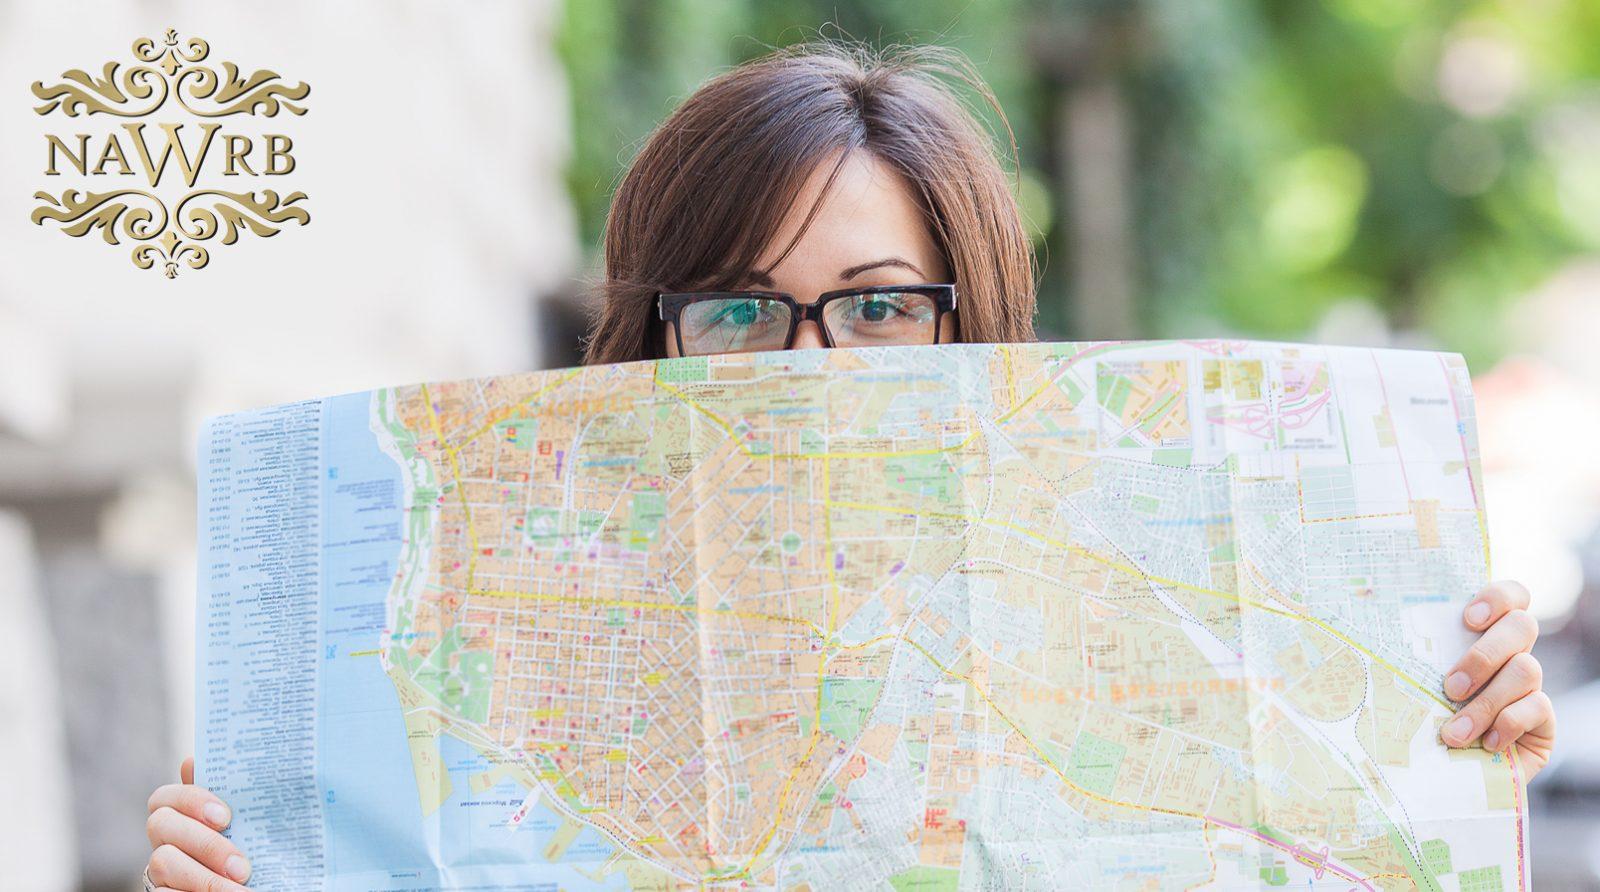 SBA Launches New HUBZone Maps And Partners To Enhance Online - Washington dc hubzone map